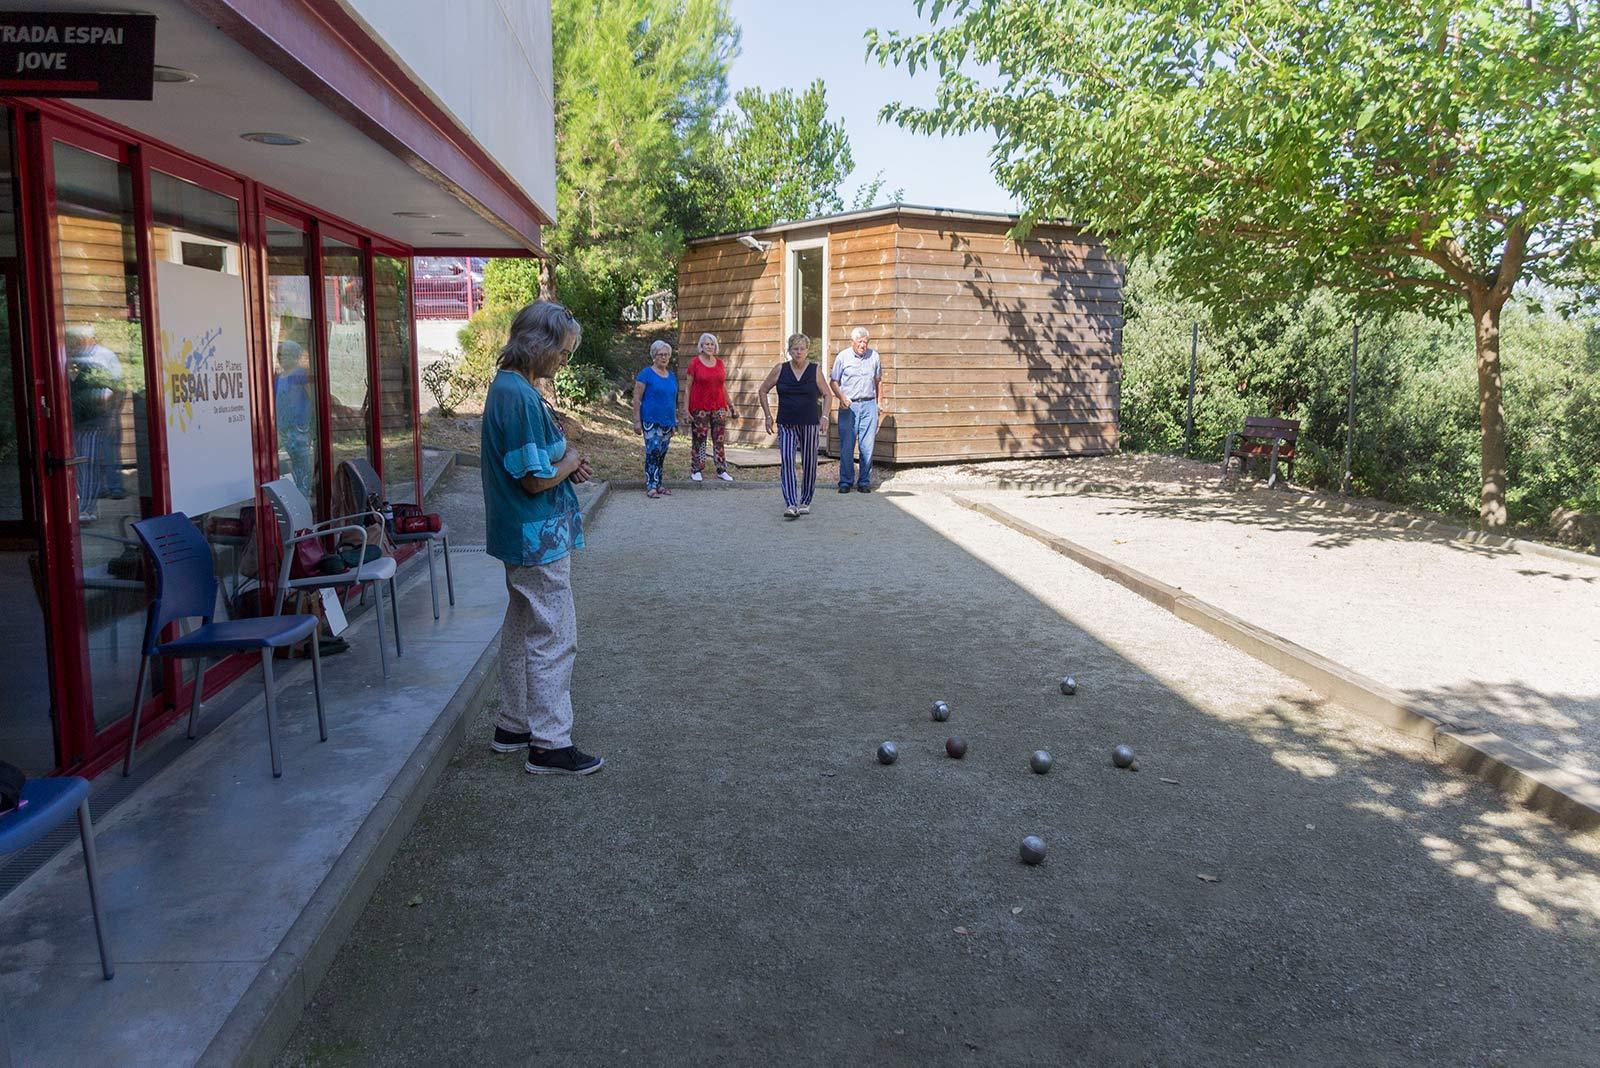 Petanca al Casal. FOTO: Paula Galván